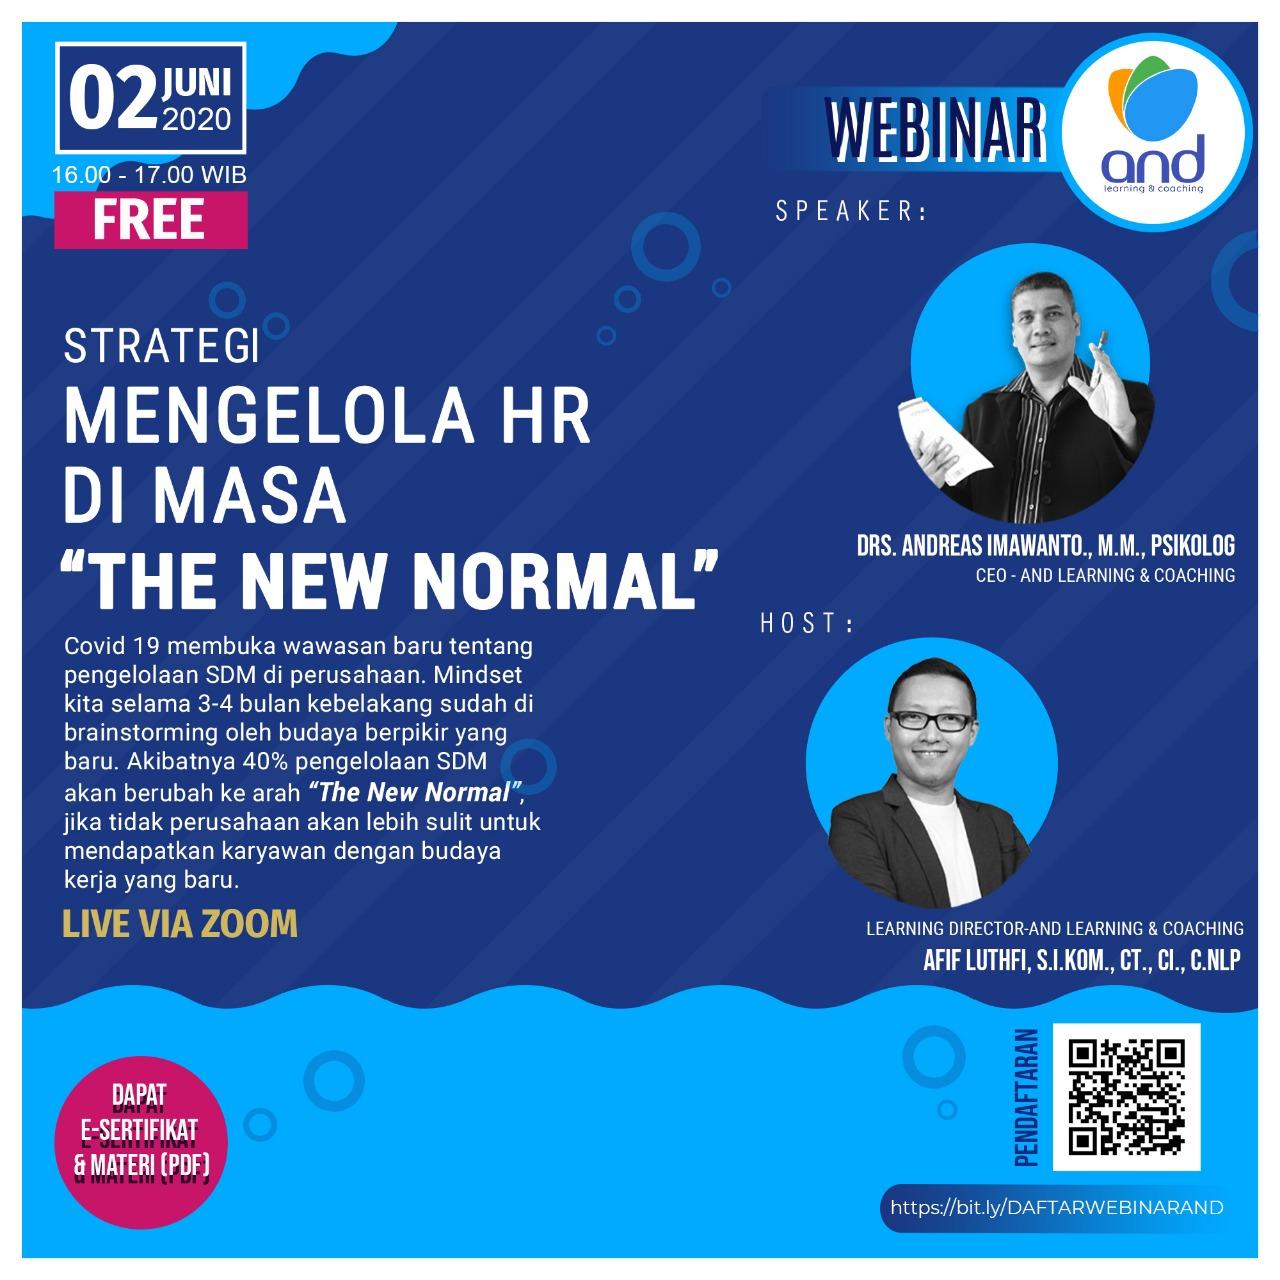 Strategi Mengelola HR di Masa The New Normal